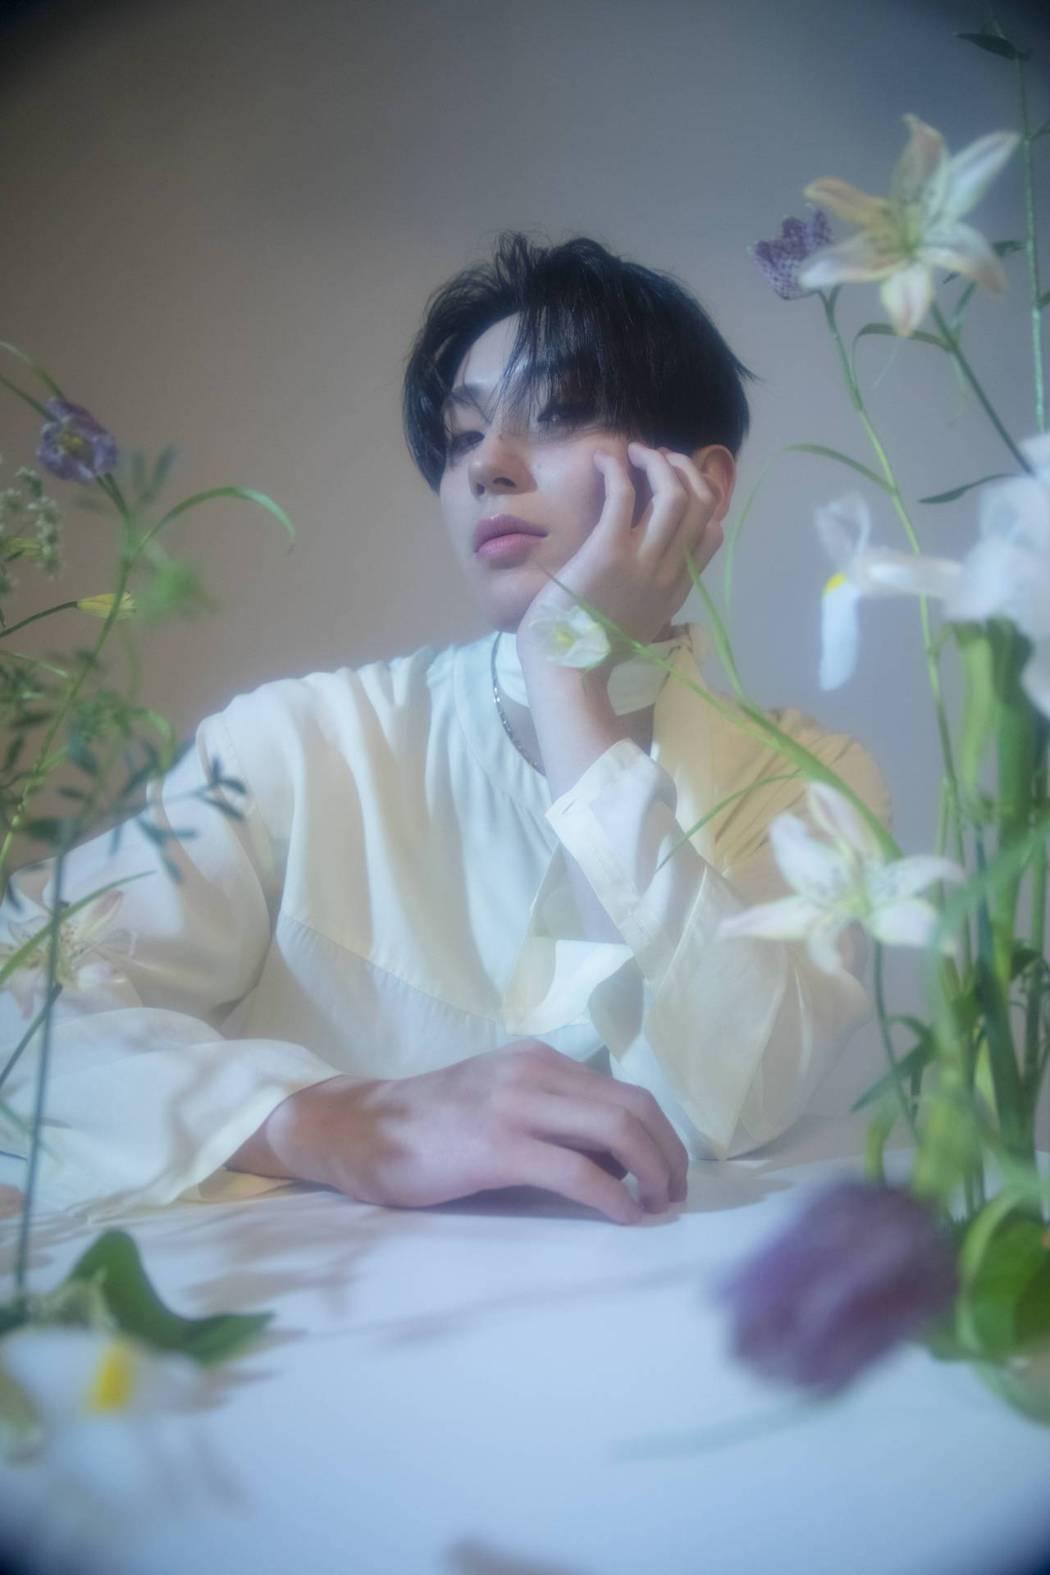 文鐘業參與了自己的首張迷你專輯「US」作詞、作曲。圖/ CL Creative ...